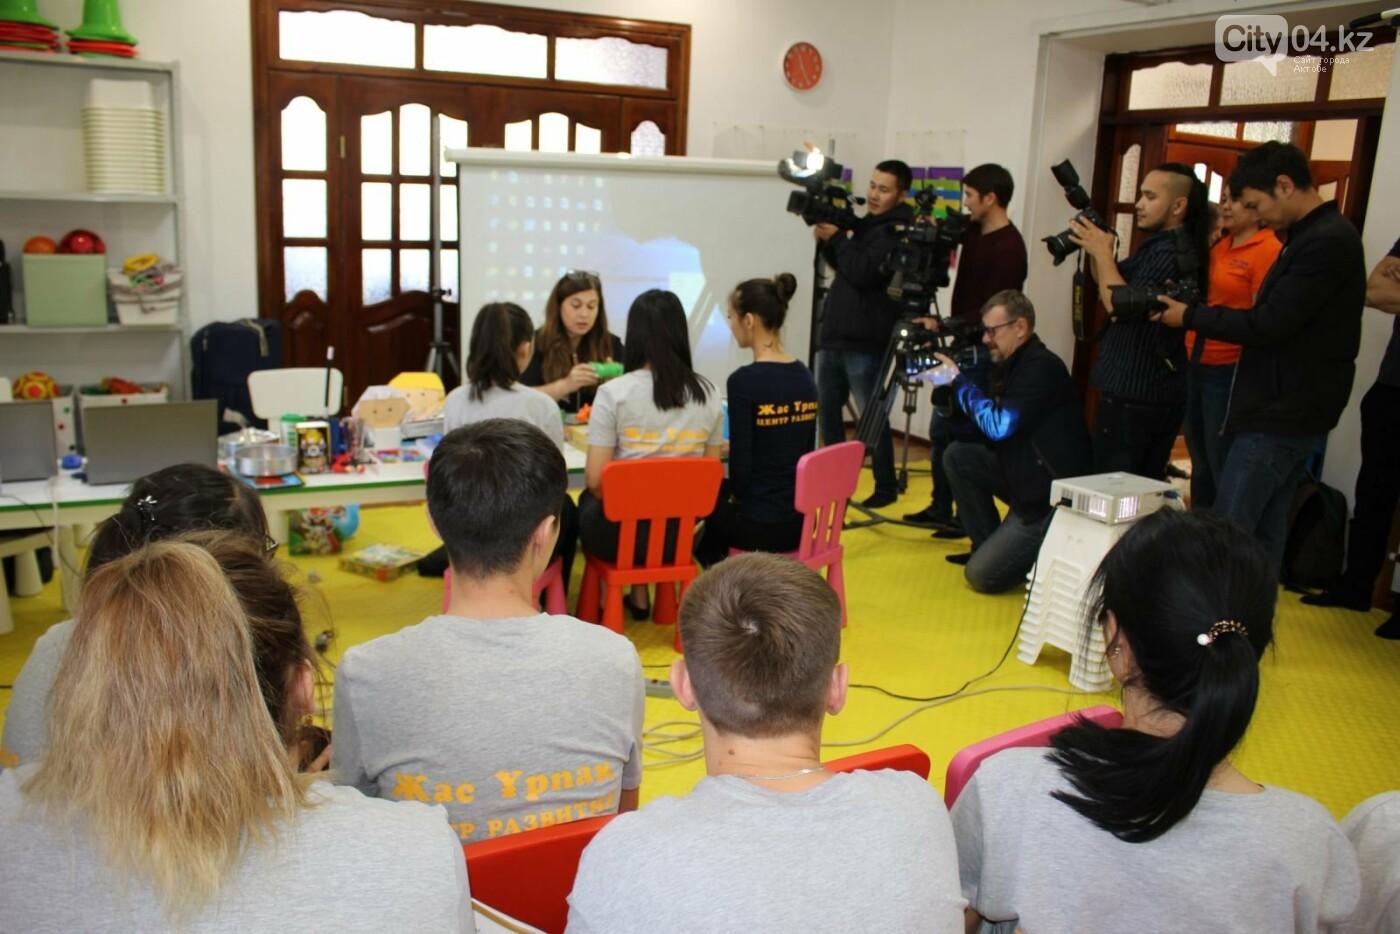 Израильские специалисты обучают сотрудников центра для особенных детей, фото-1